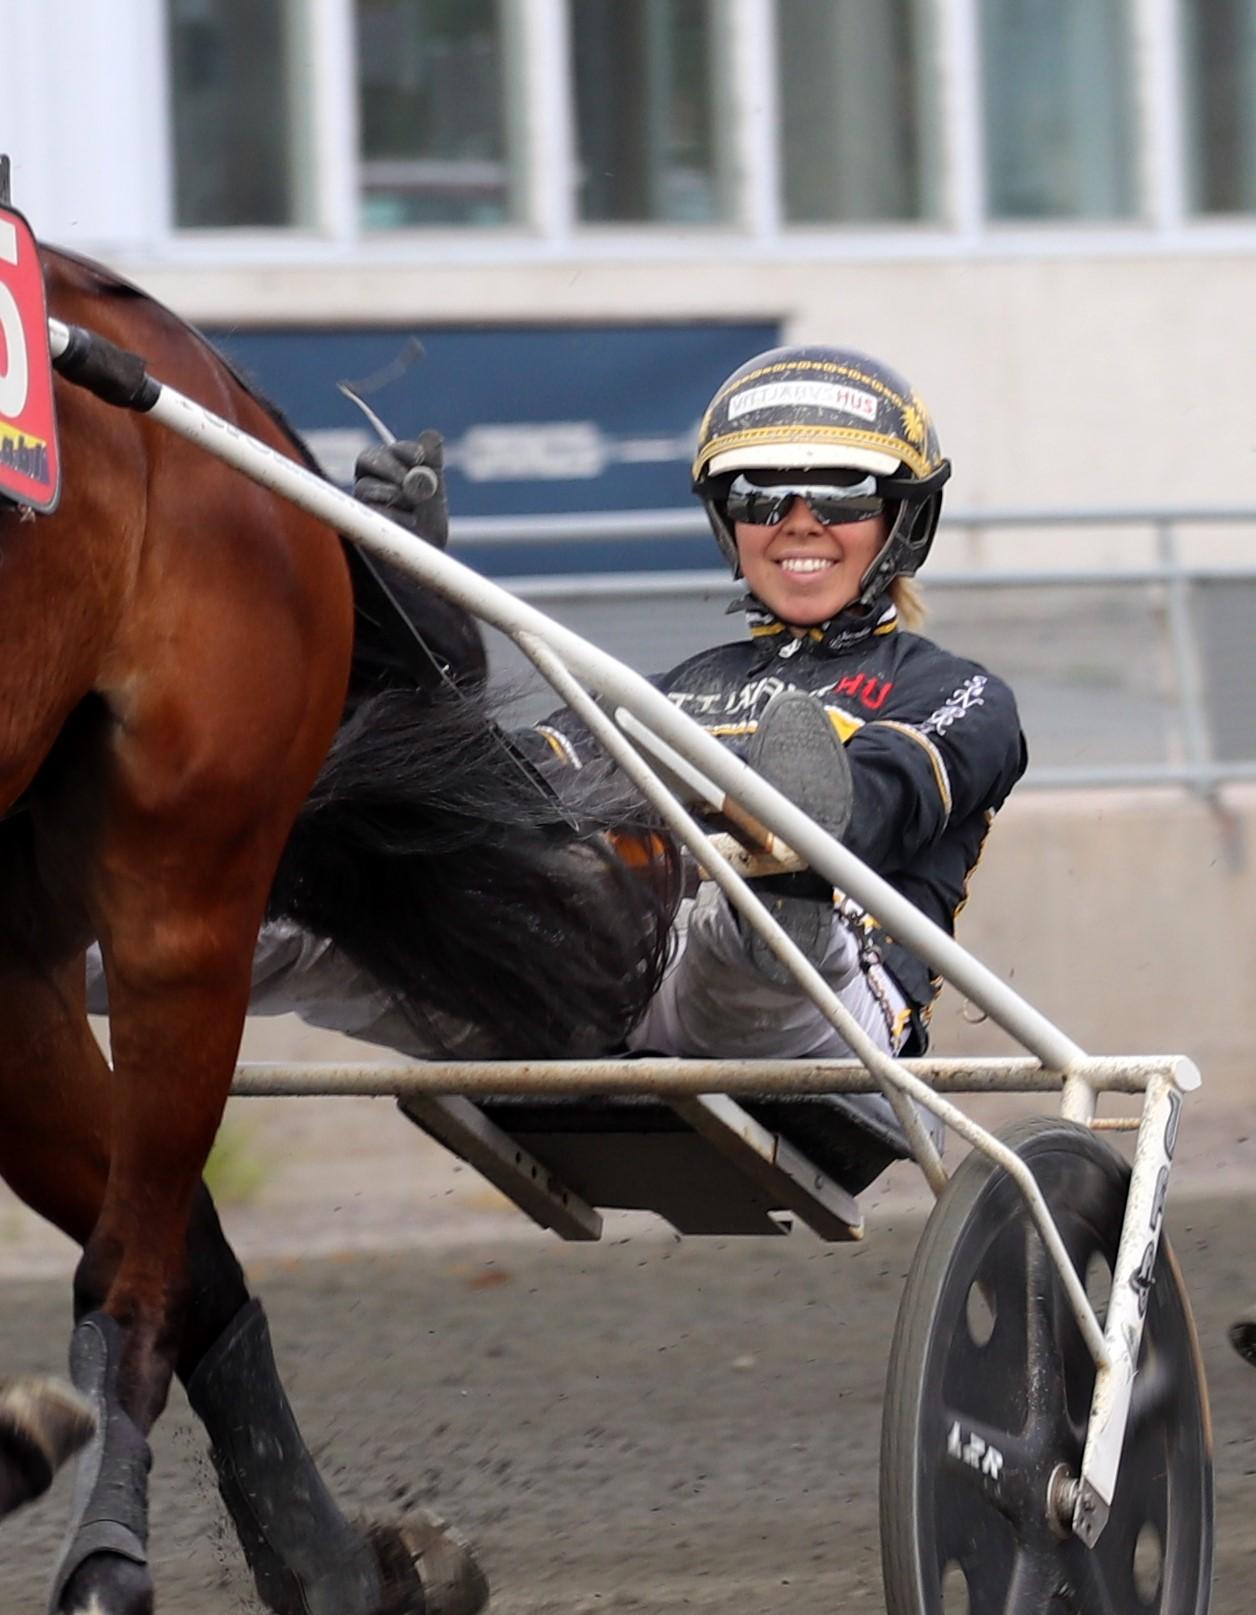 Fem hemmasegrar! – Dubbelseger till Sandra Eriksson!